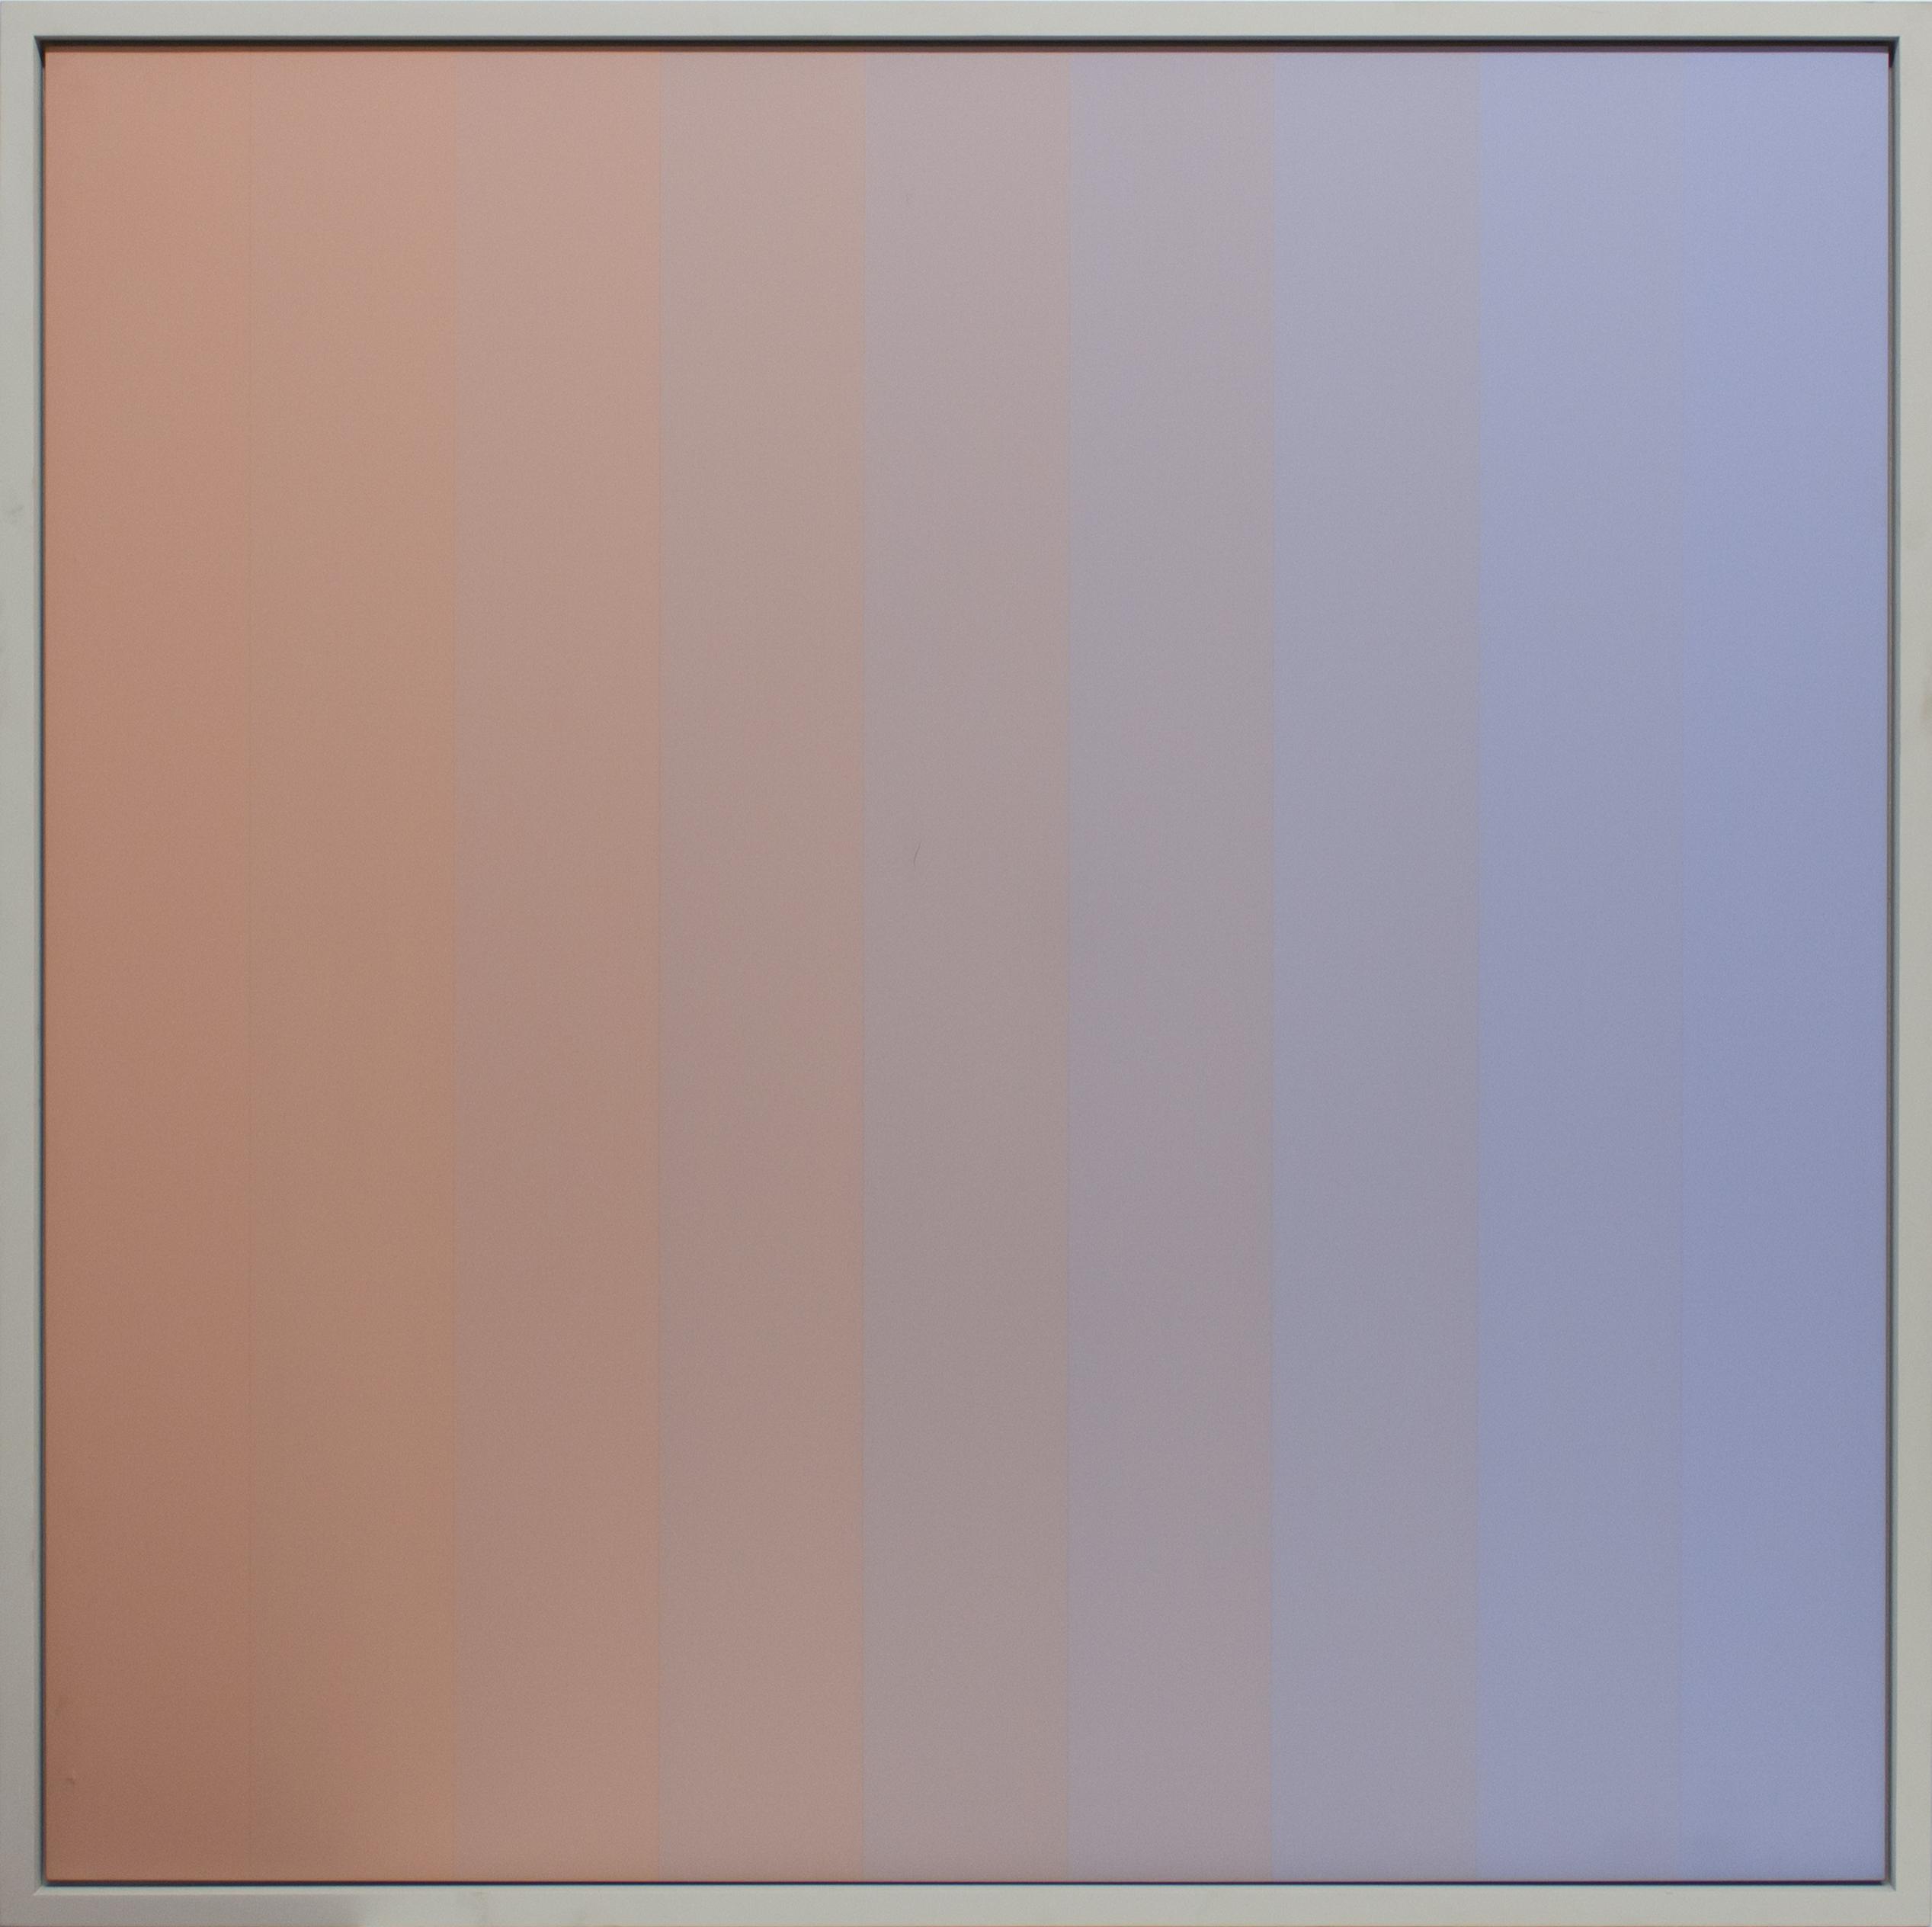 K163 - 100 x 100 cm, Alcydharzfarbe auf Phenapan